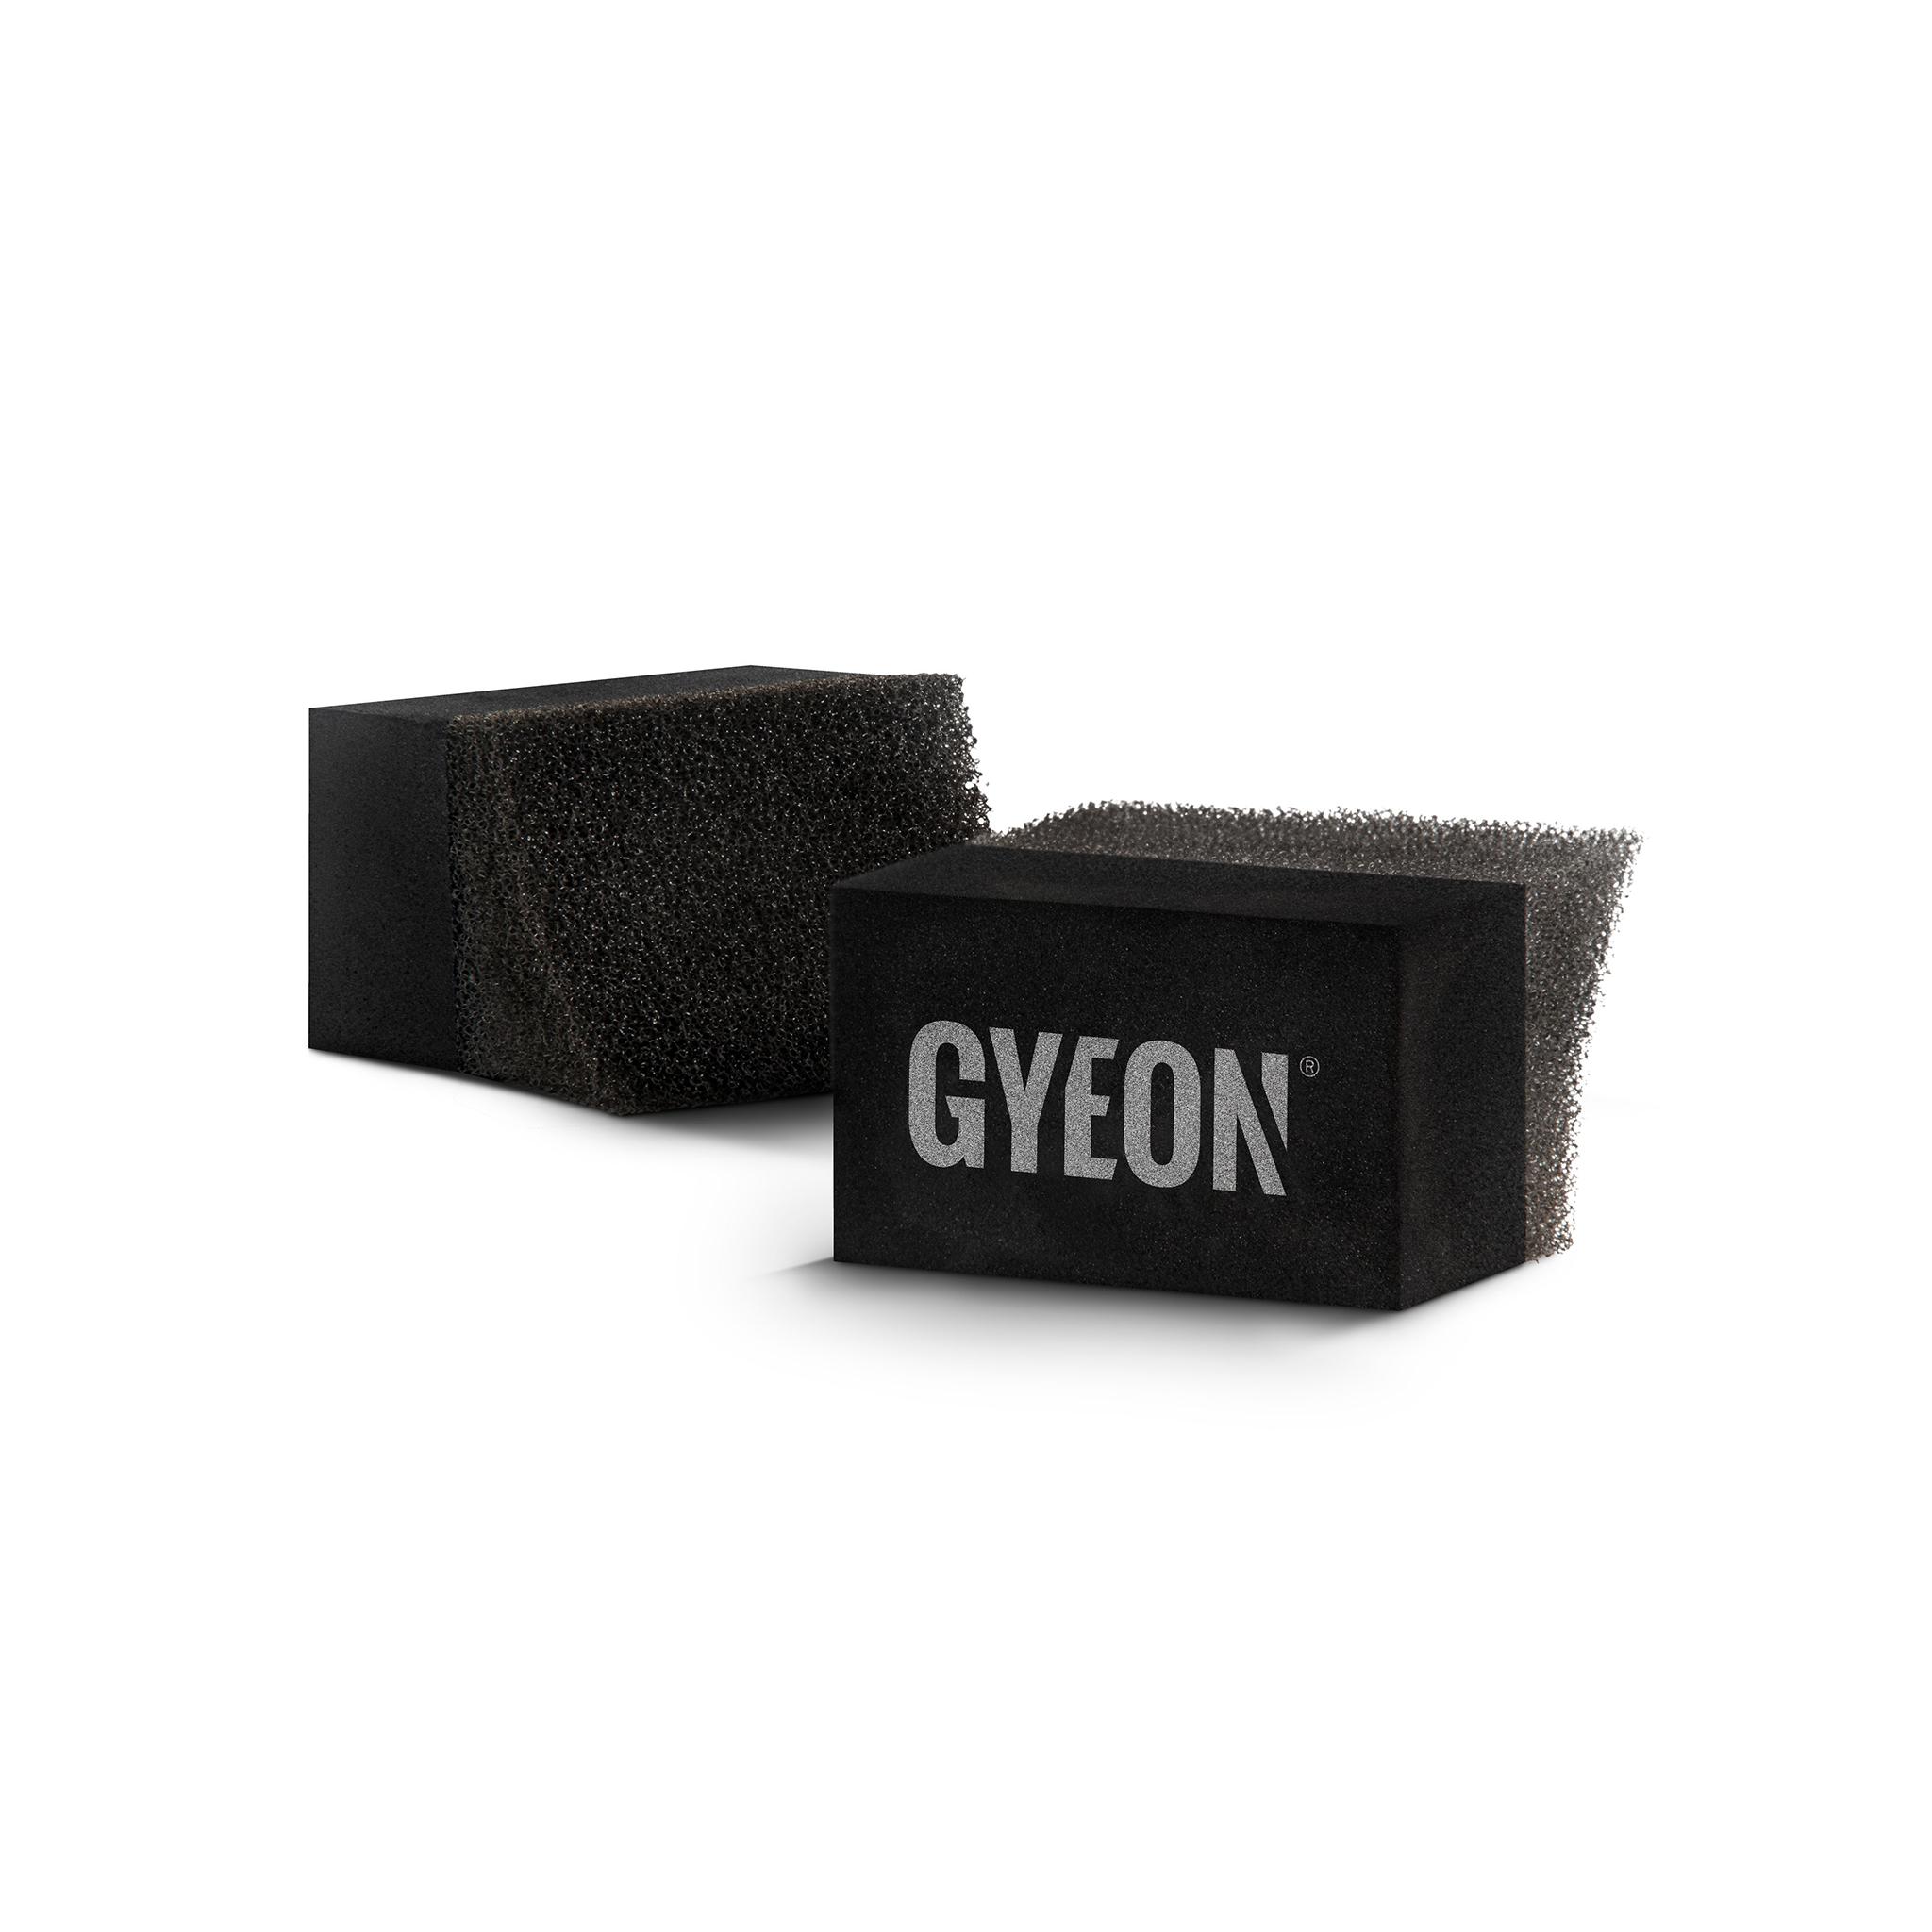 Däckglansapplikator Gyeon Q²M Tire Applicator, 2 st, Small, 2 kpl